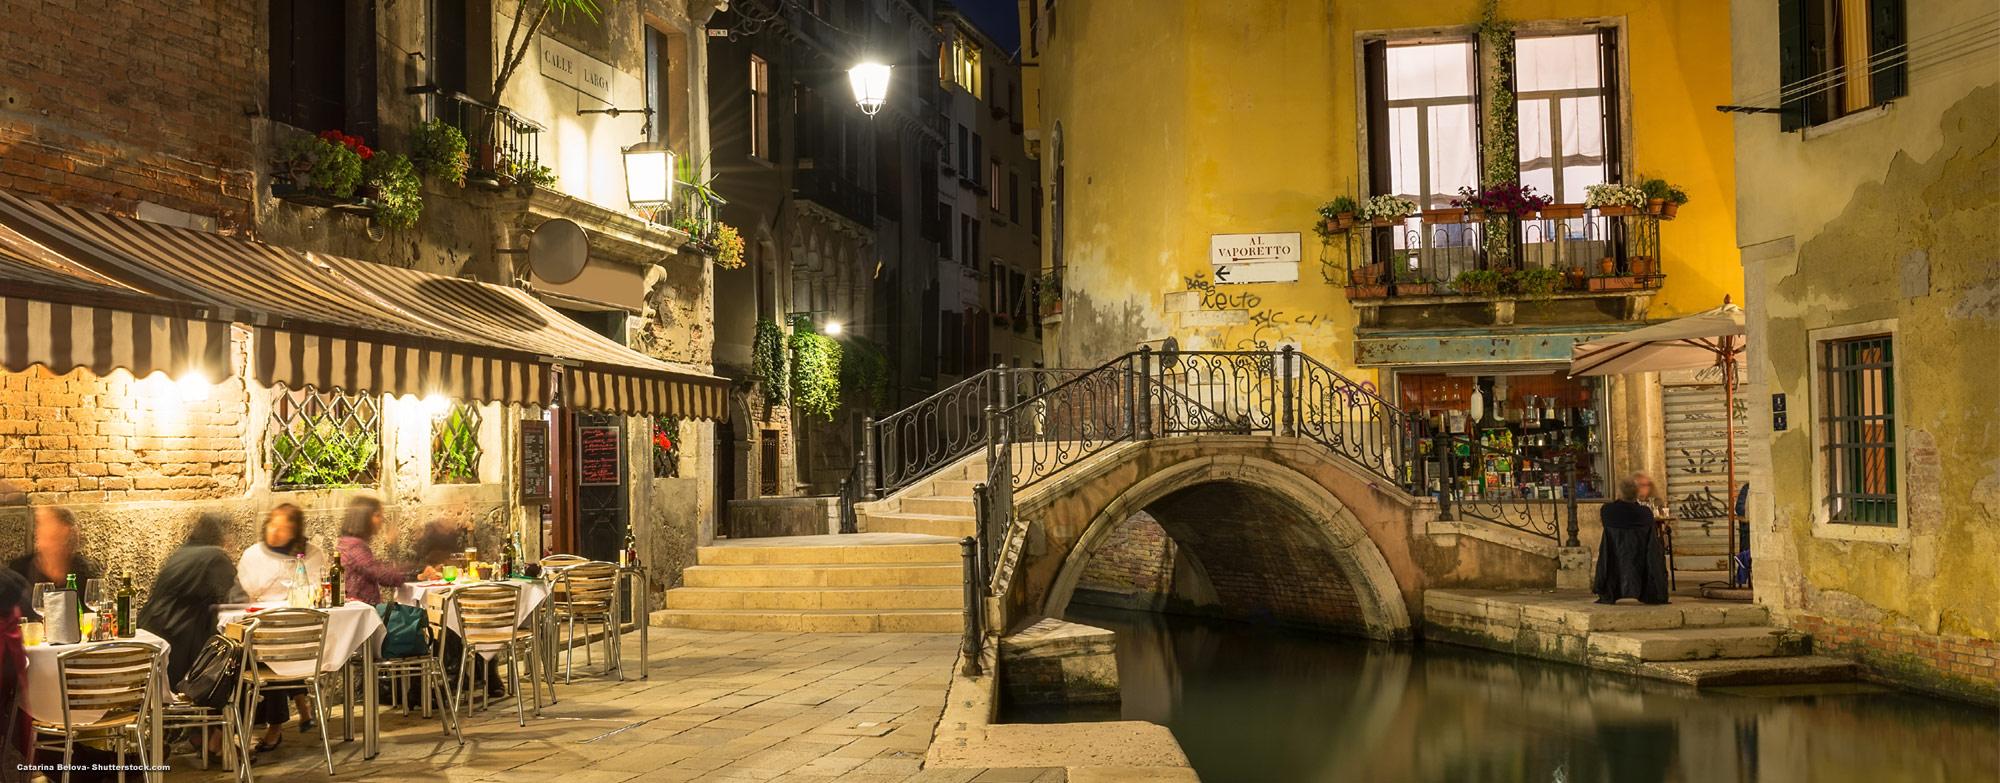 Sprachschulen Venedig, Sprachkurse Venedig